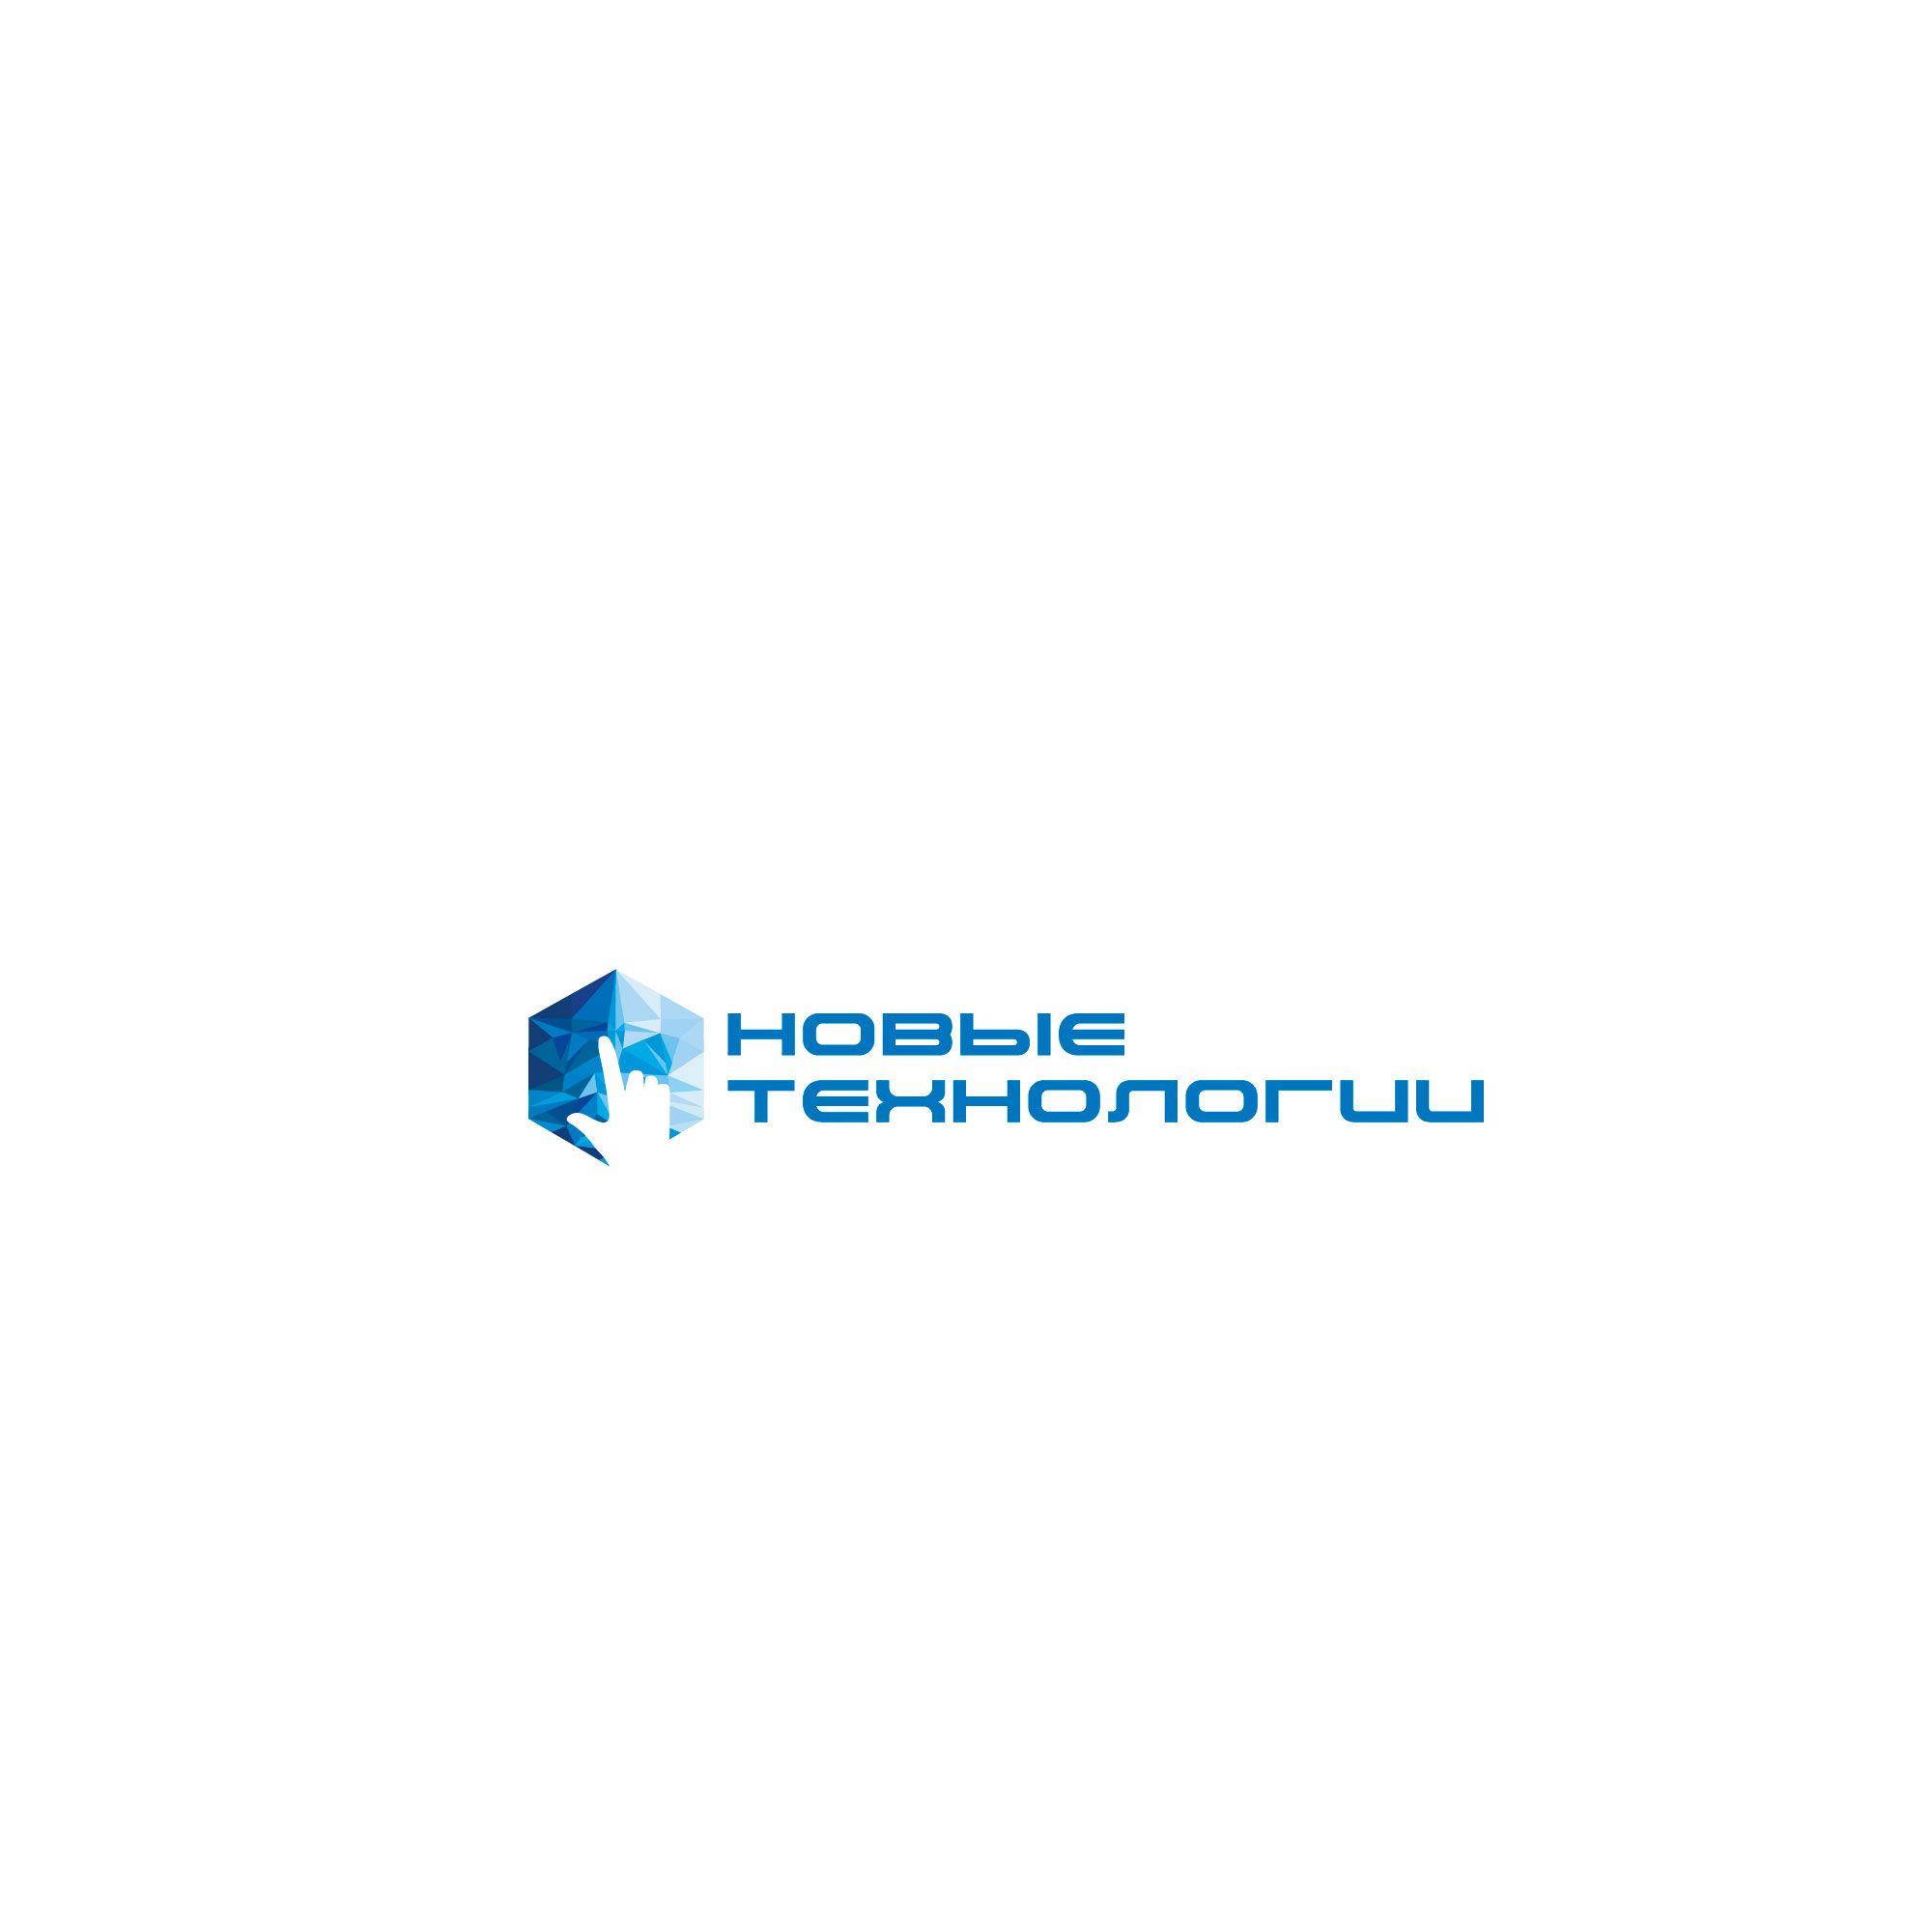 Разработка логотипа и фирменного стиля фото f_0015e719bd06cd98.jpg